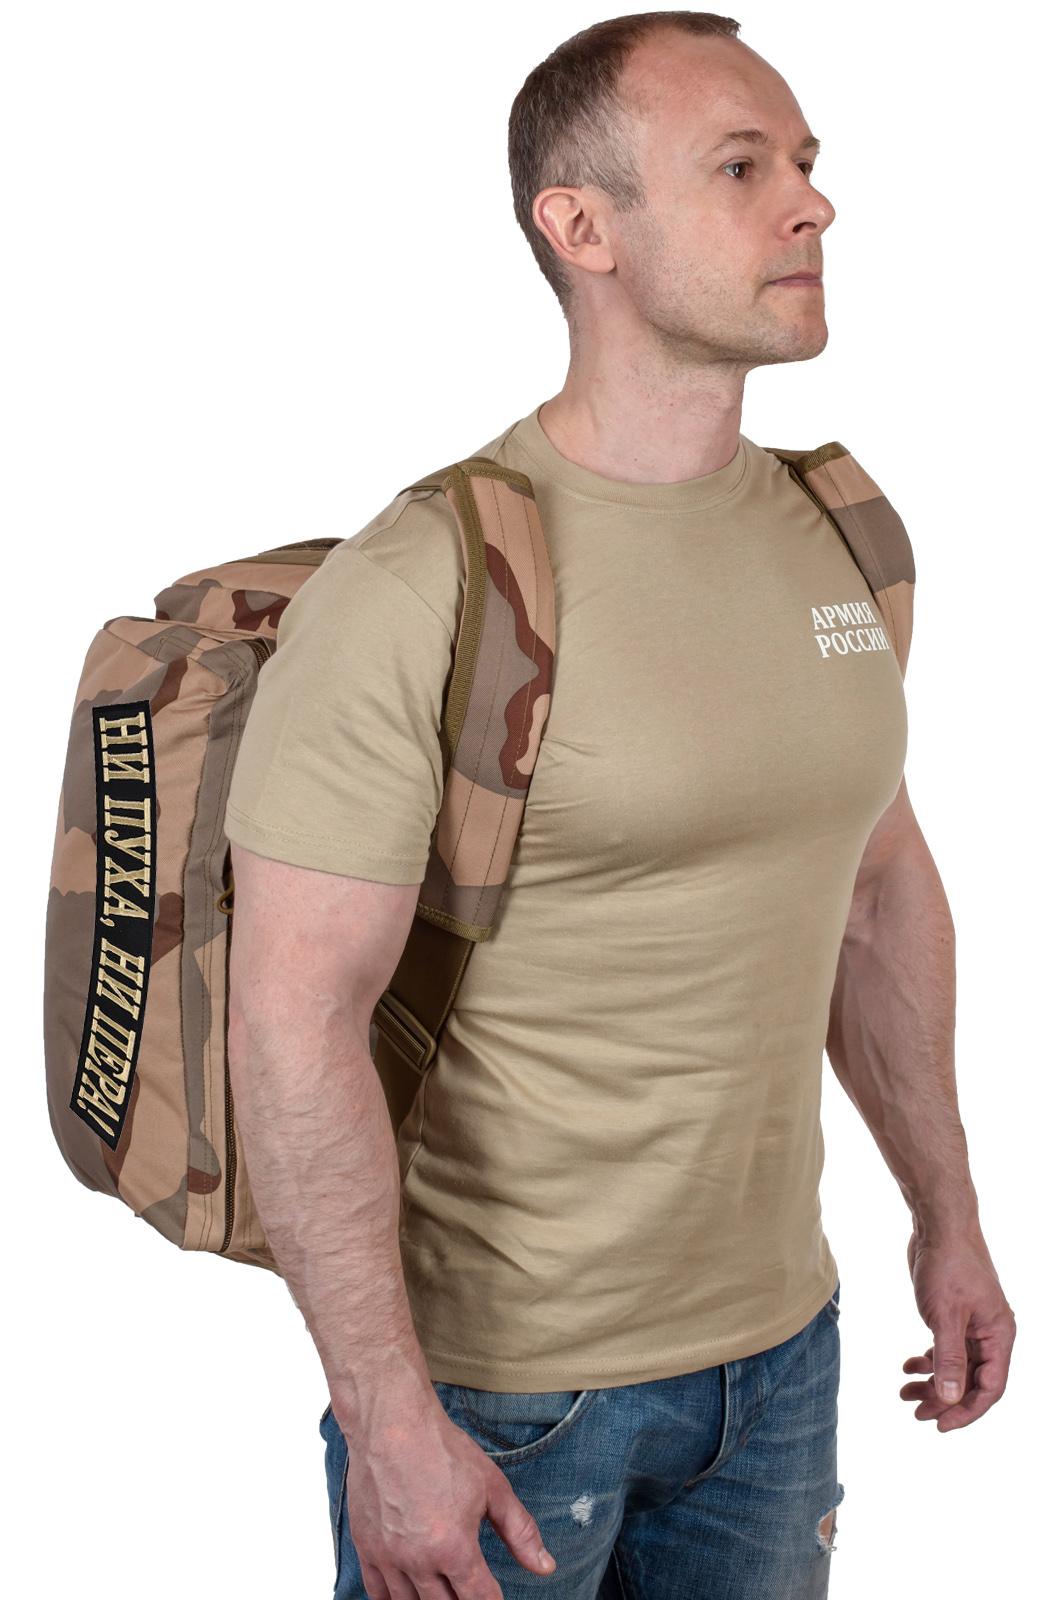 Дорожная камуфляжная сумка Ни пуха, Ни пера - купить онлайн